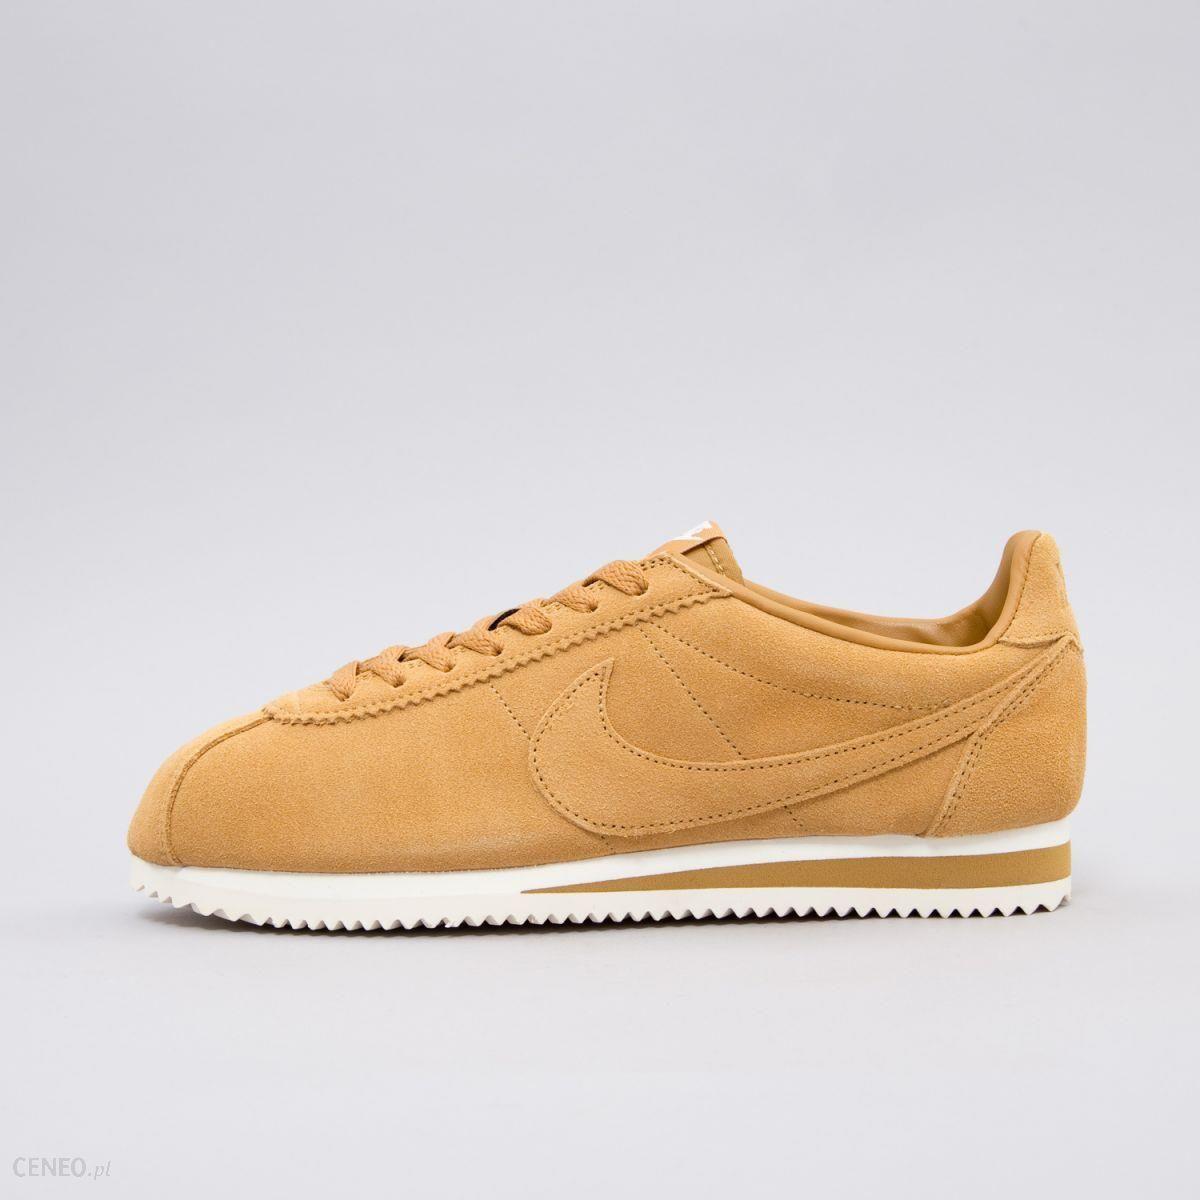 1c145dab1c066 Nike CORTEZ BASIC SE 902801-700 - Ceny i opinie - Ceneo.pl